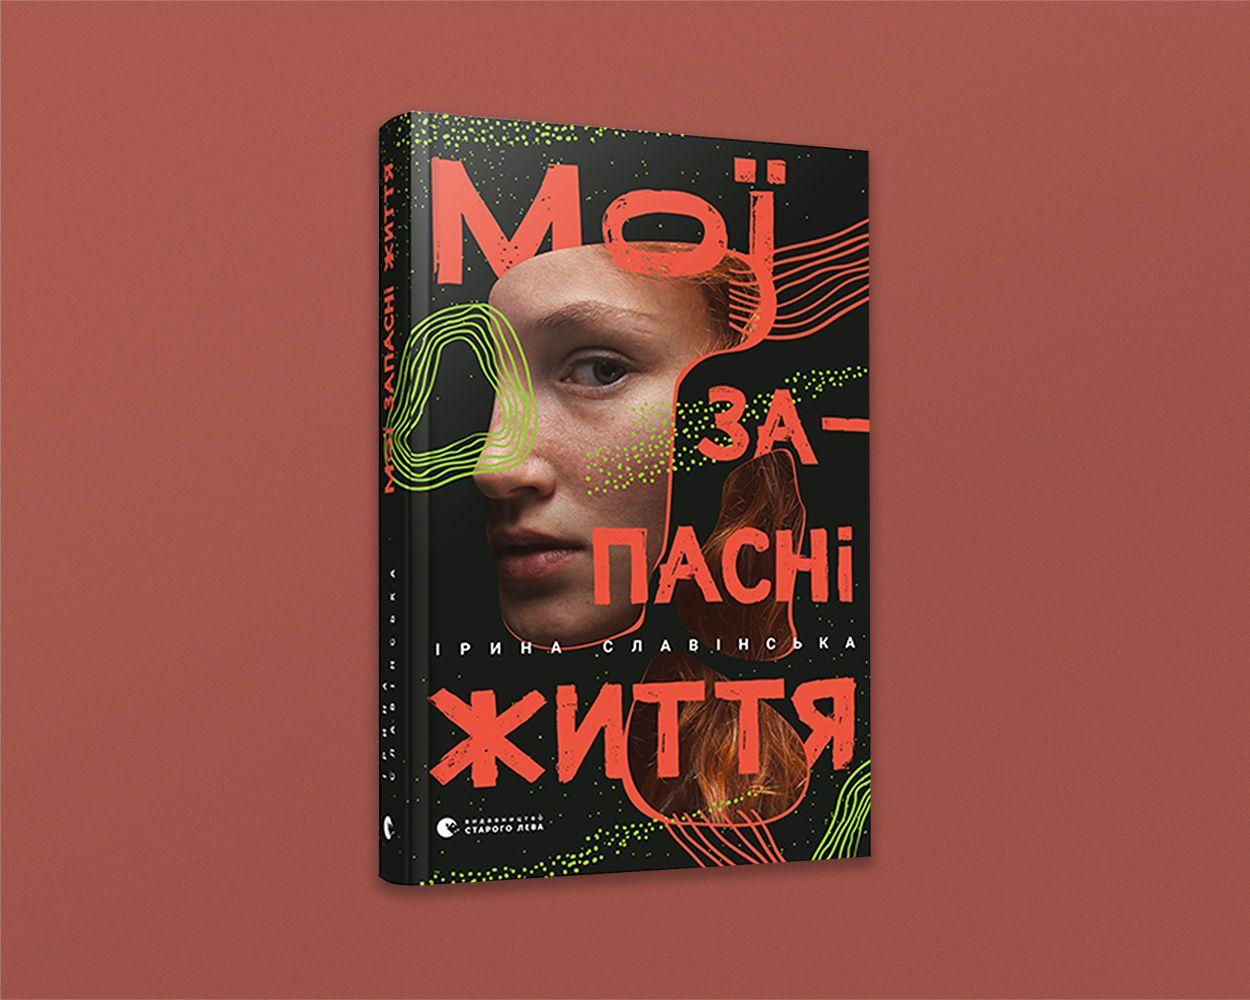 Українські книжки, Форум видавців, для блогів_1